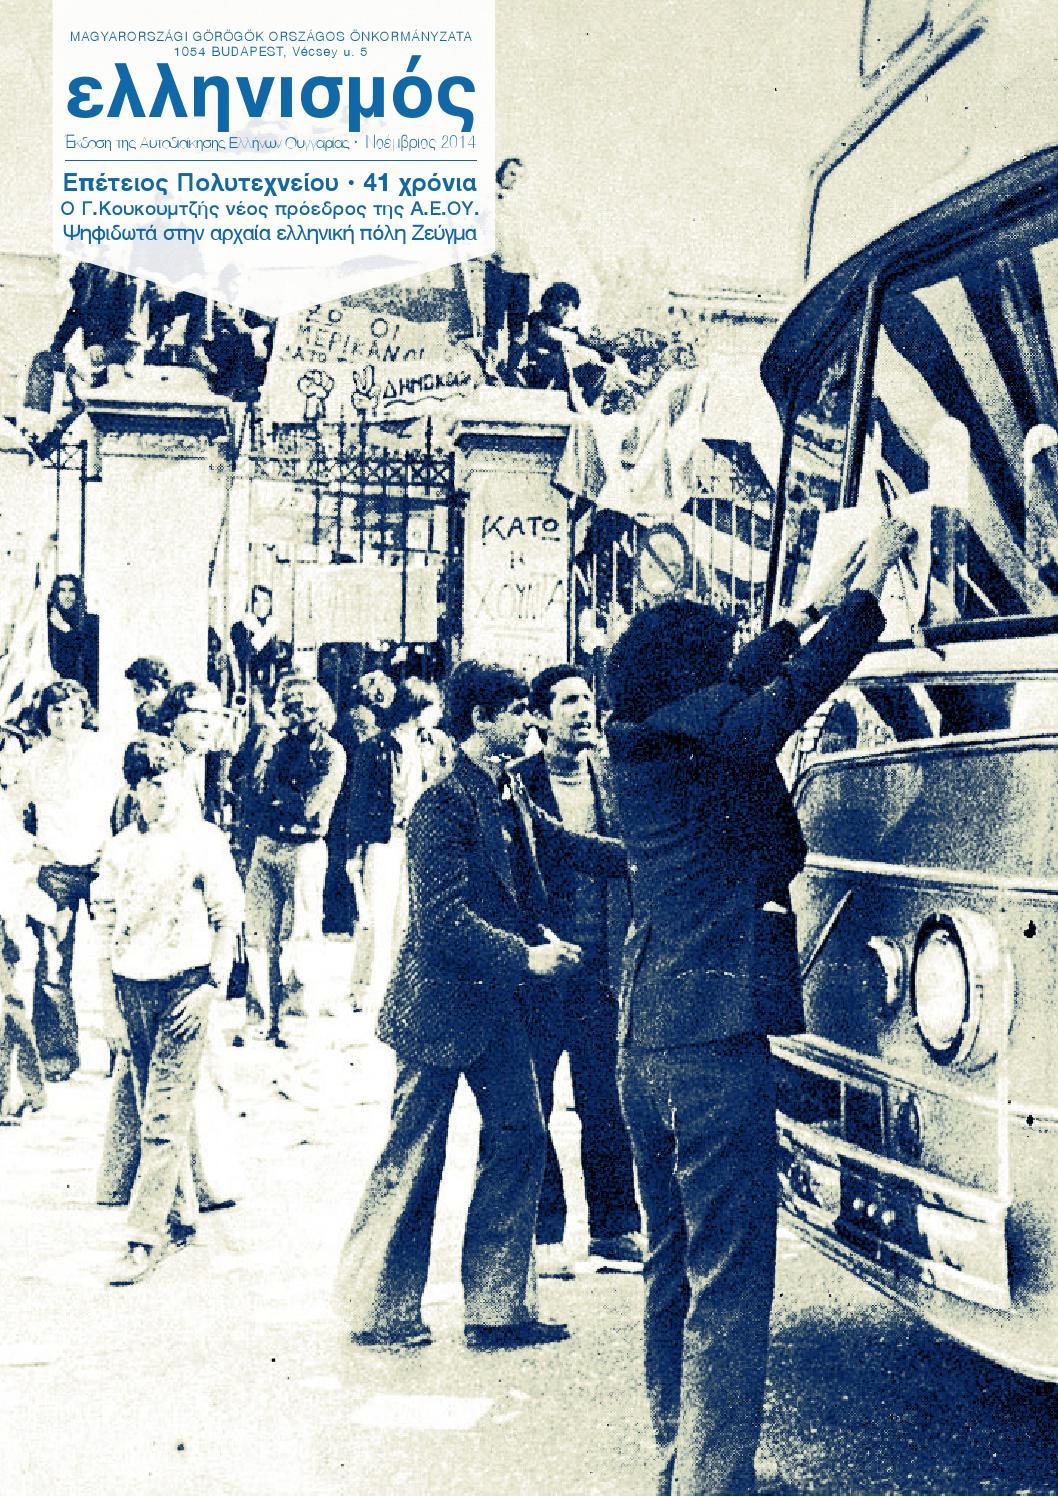 ελληνισμός /11 by Magyarországi Görögök Országos Önkormányzata - Issuu